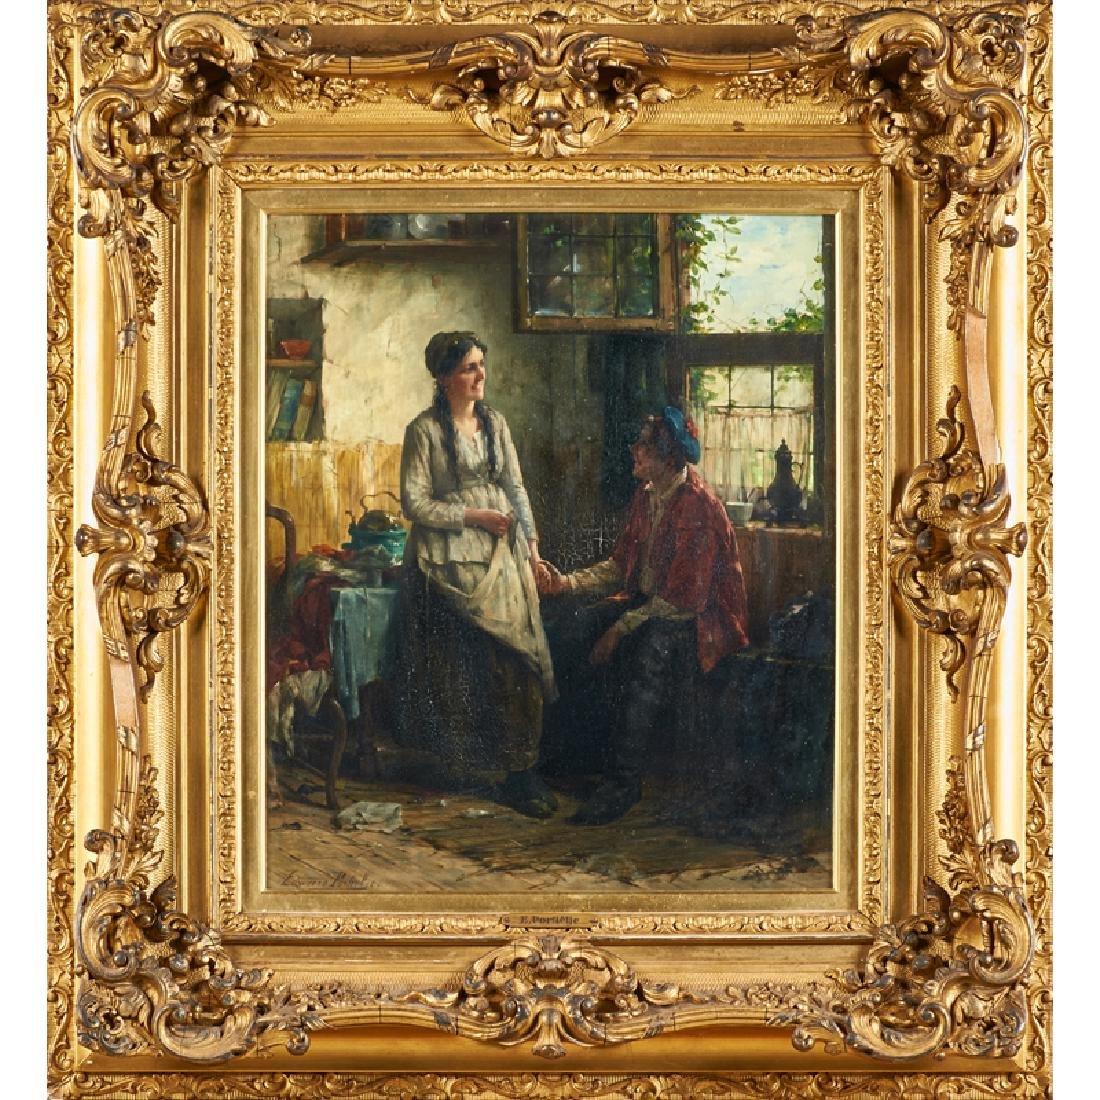 EDWARD PORTIELJE (Belgian, 1861-1949)